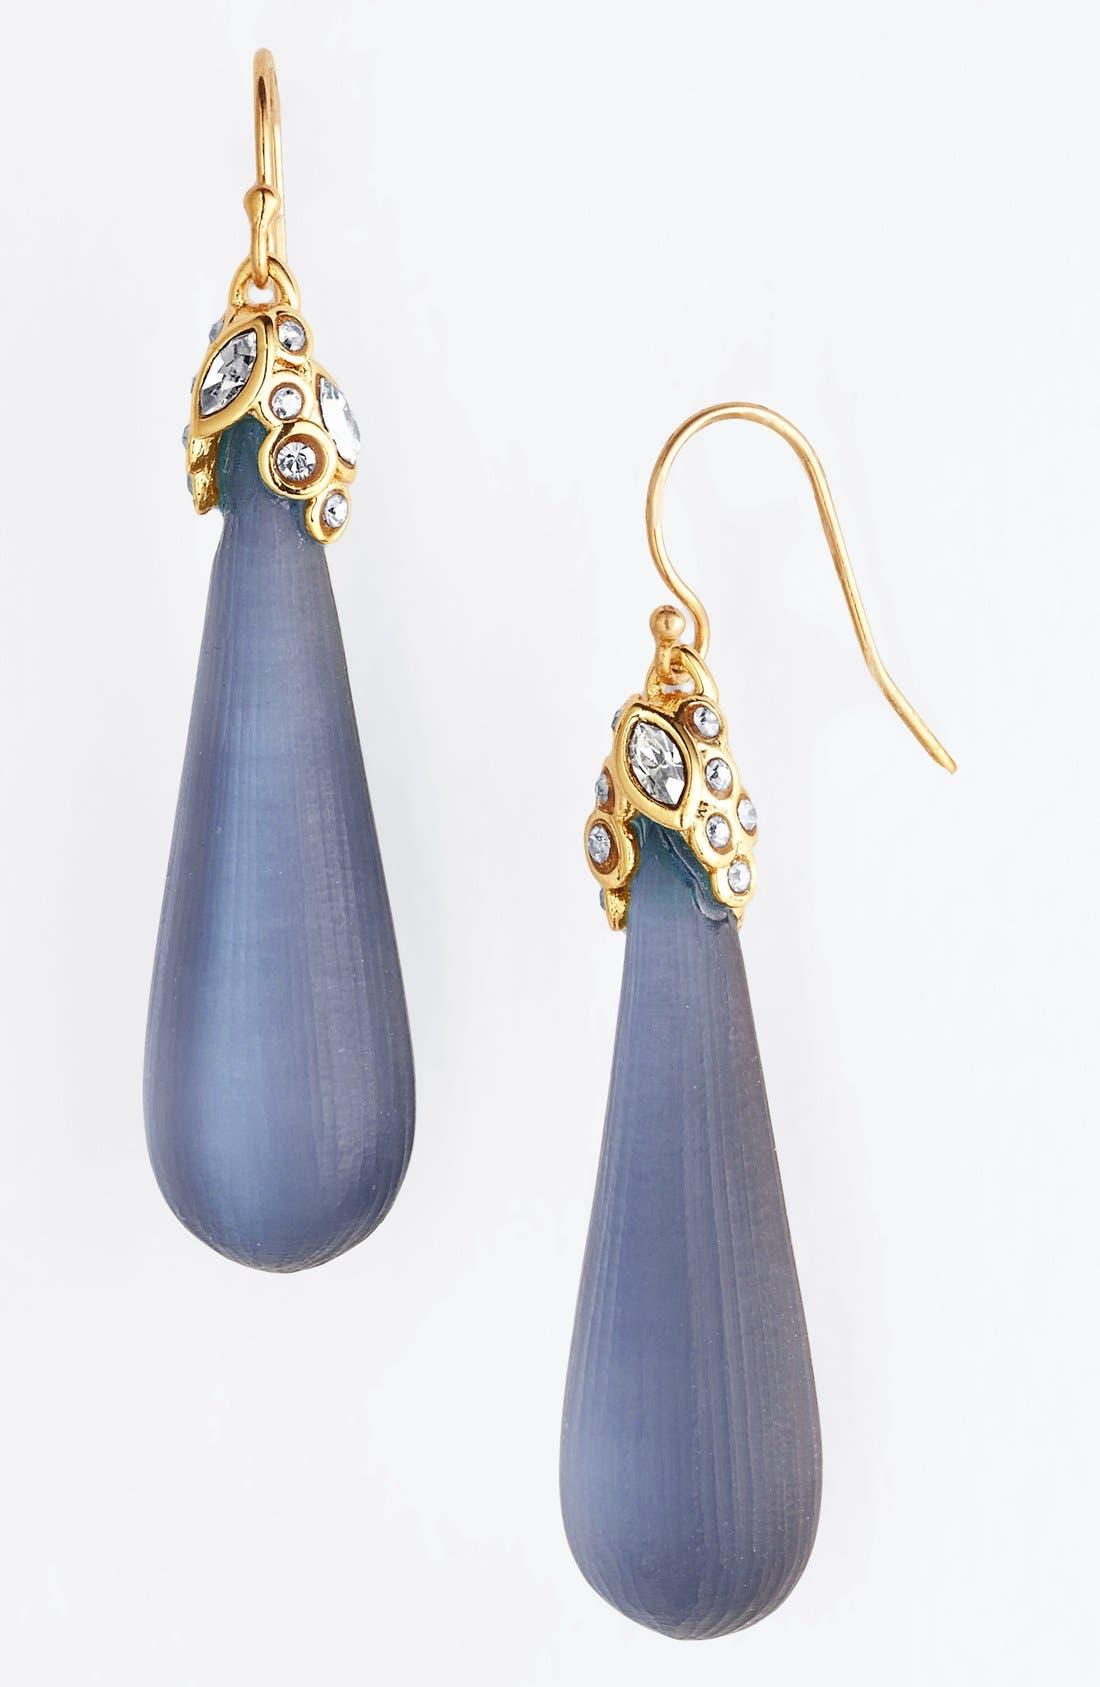 Alternate Image 1 Selected - Alexis Bittar 'Lucite® - Georgian' Teardrop Earrings (Nordstrom Exclusive)